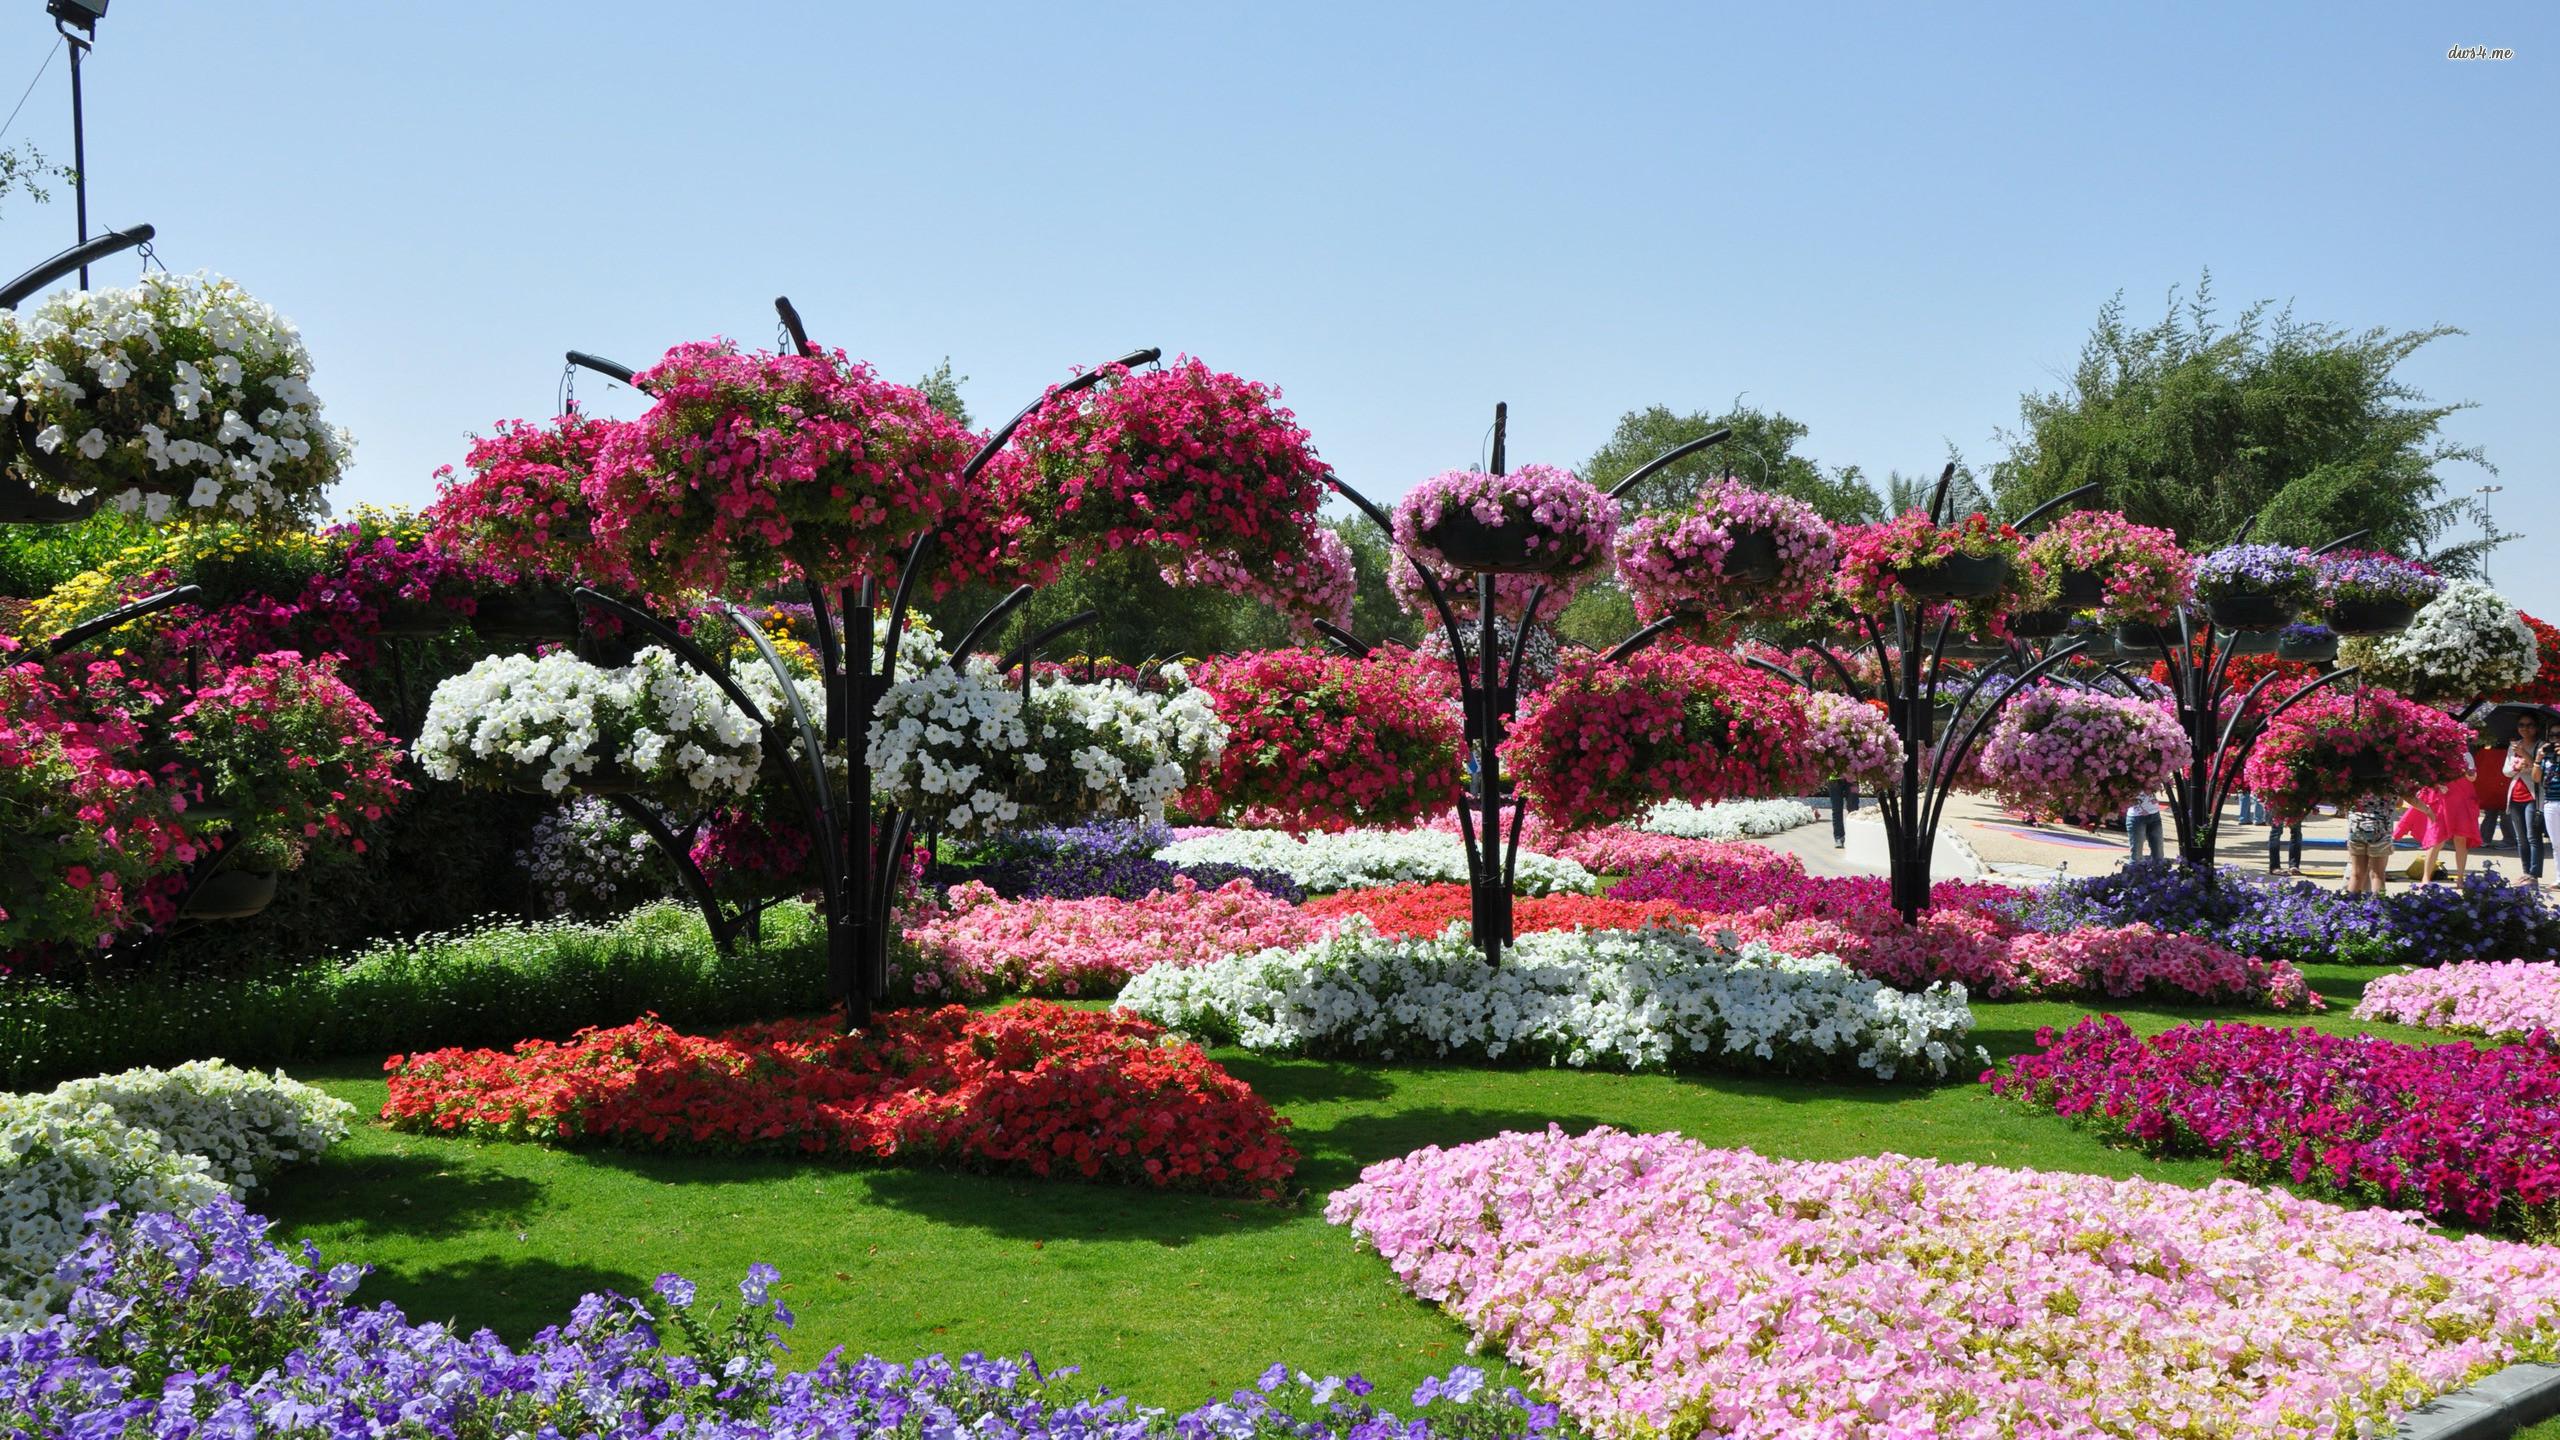 Res: 2560x1440, ... Beautiful beach garden wallpaper  ...